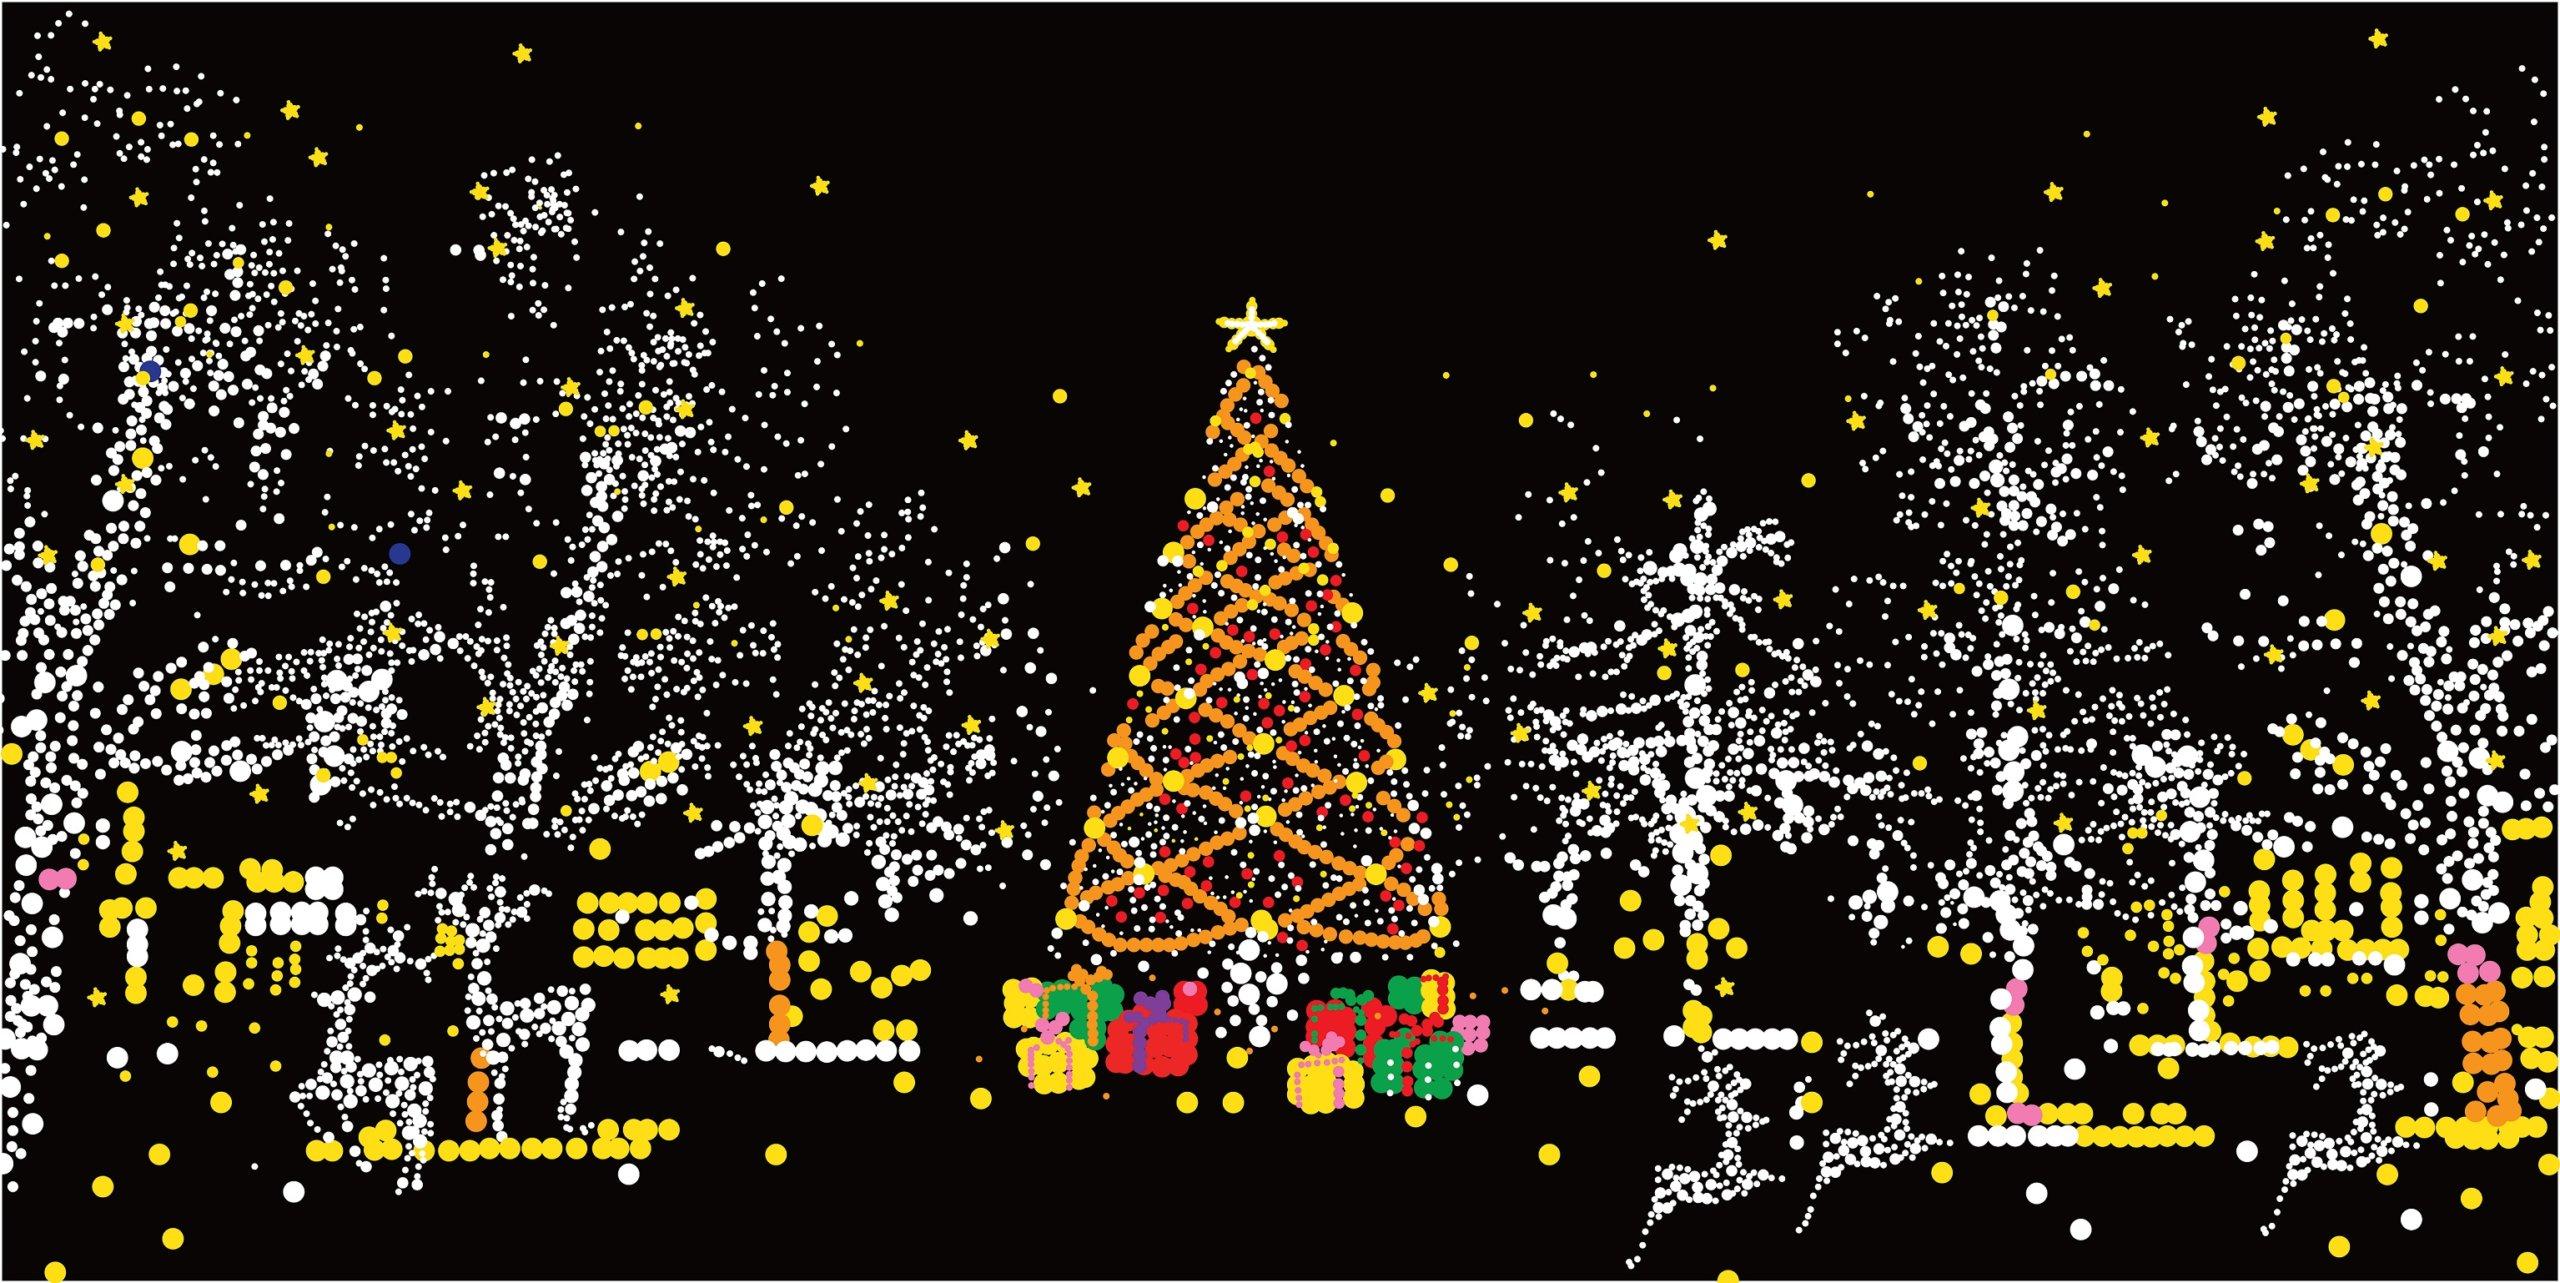 日本冬季,常會看到巨型的聖誕樹。